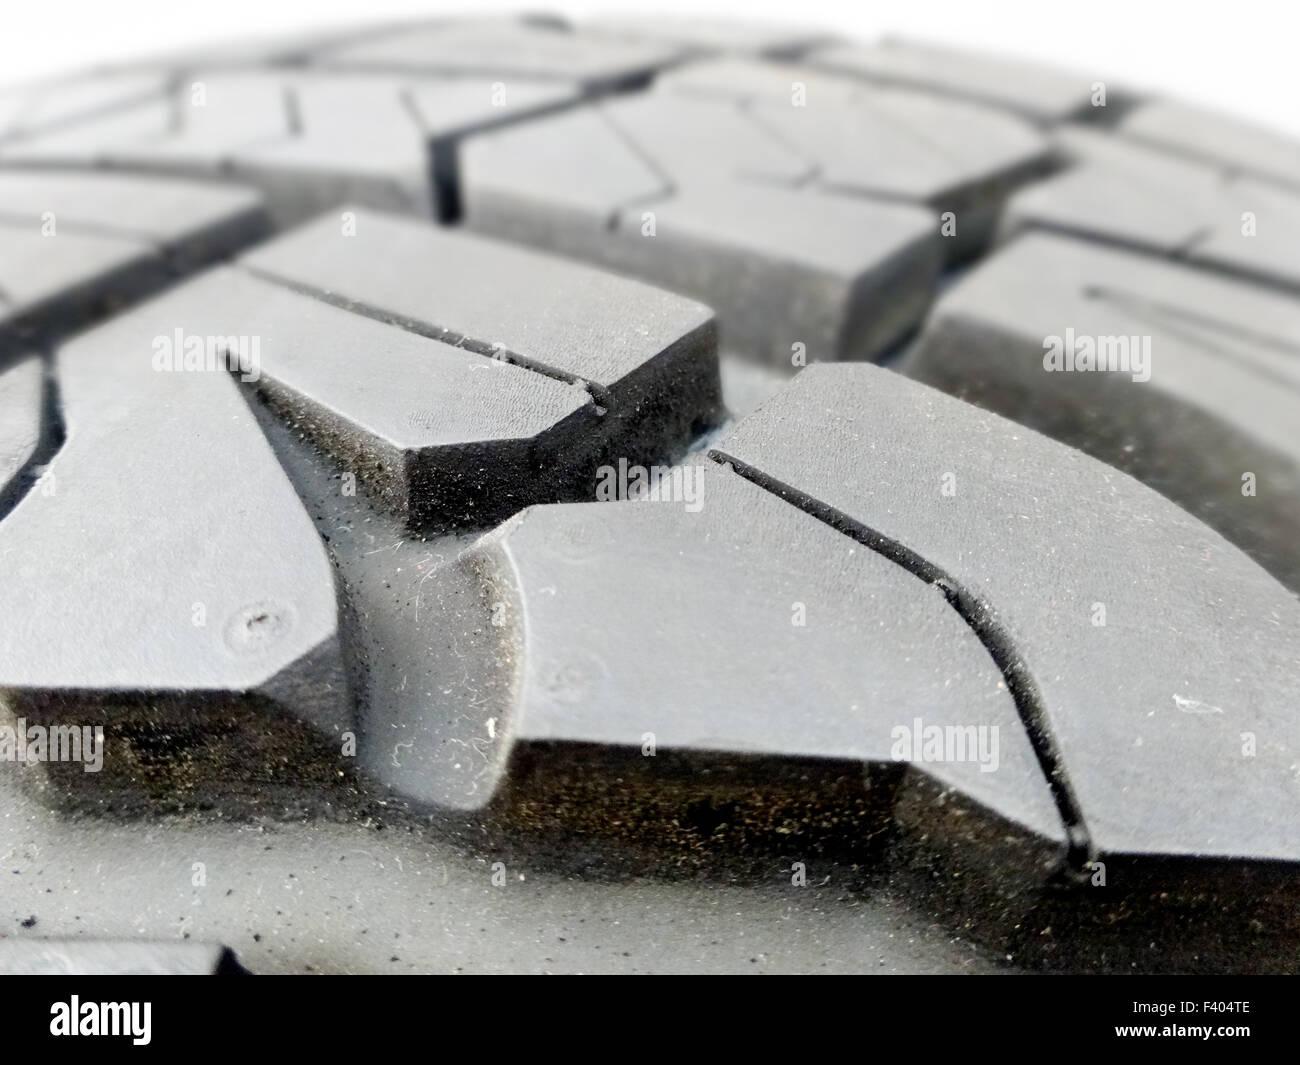 tire tread closeup in a tire shop - Stock Image